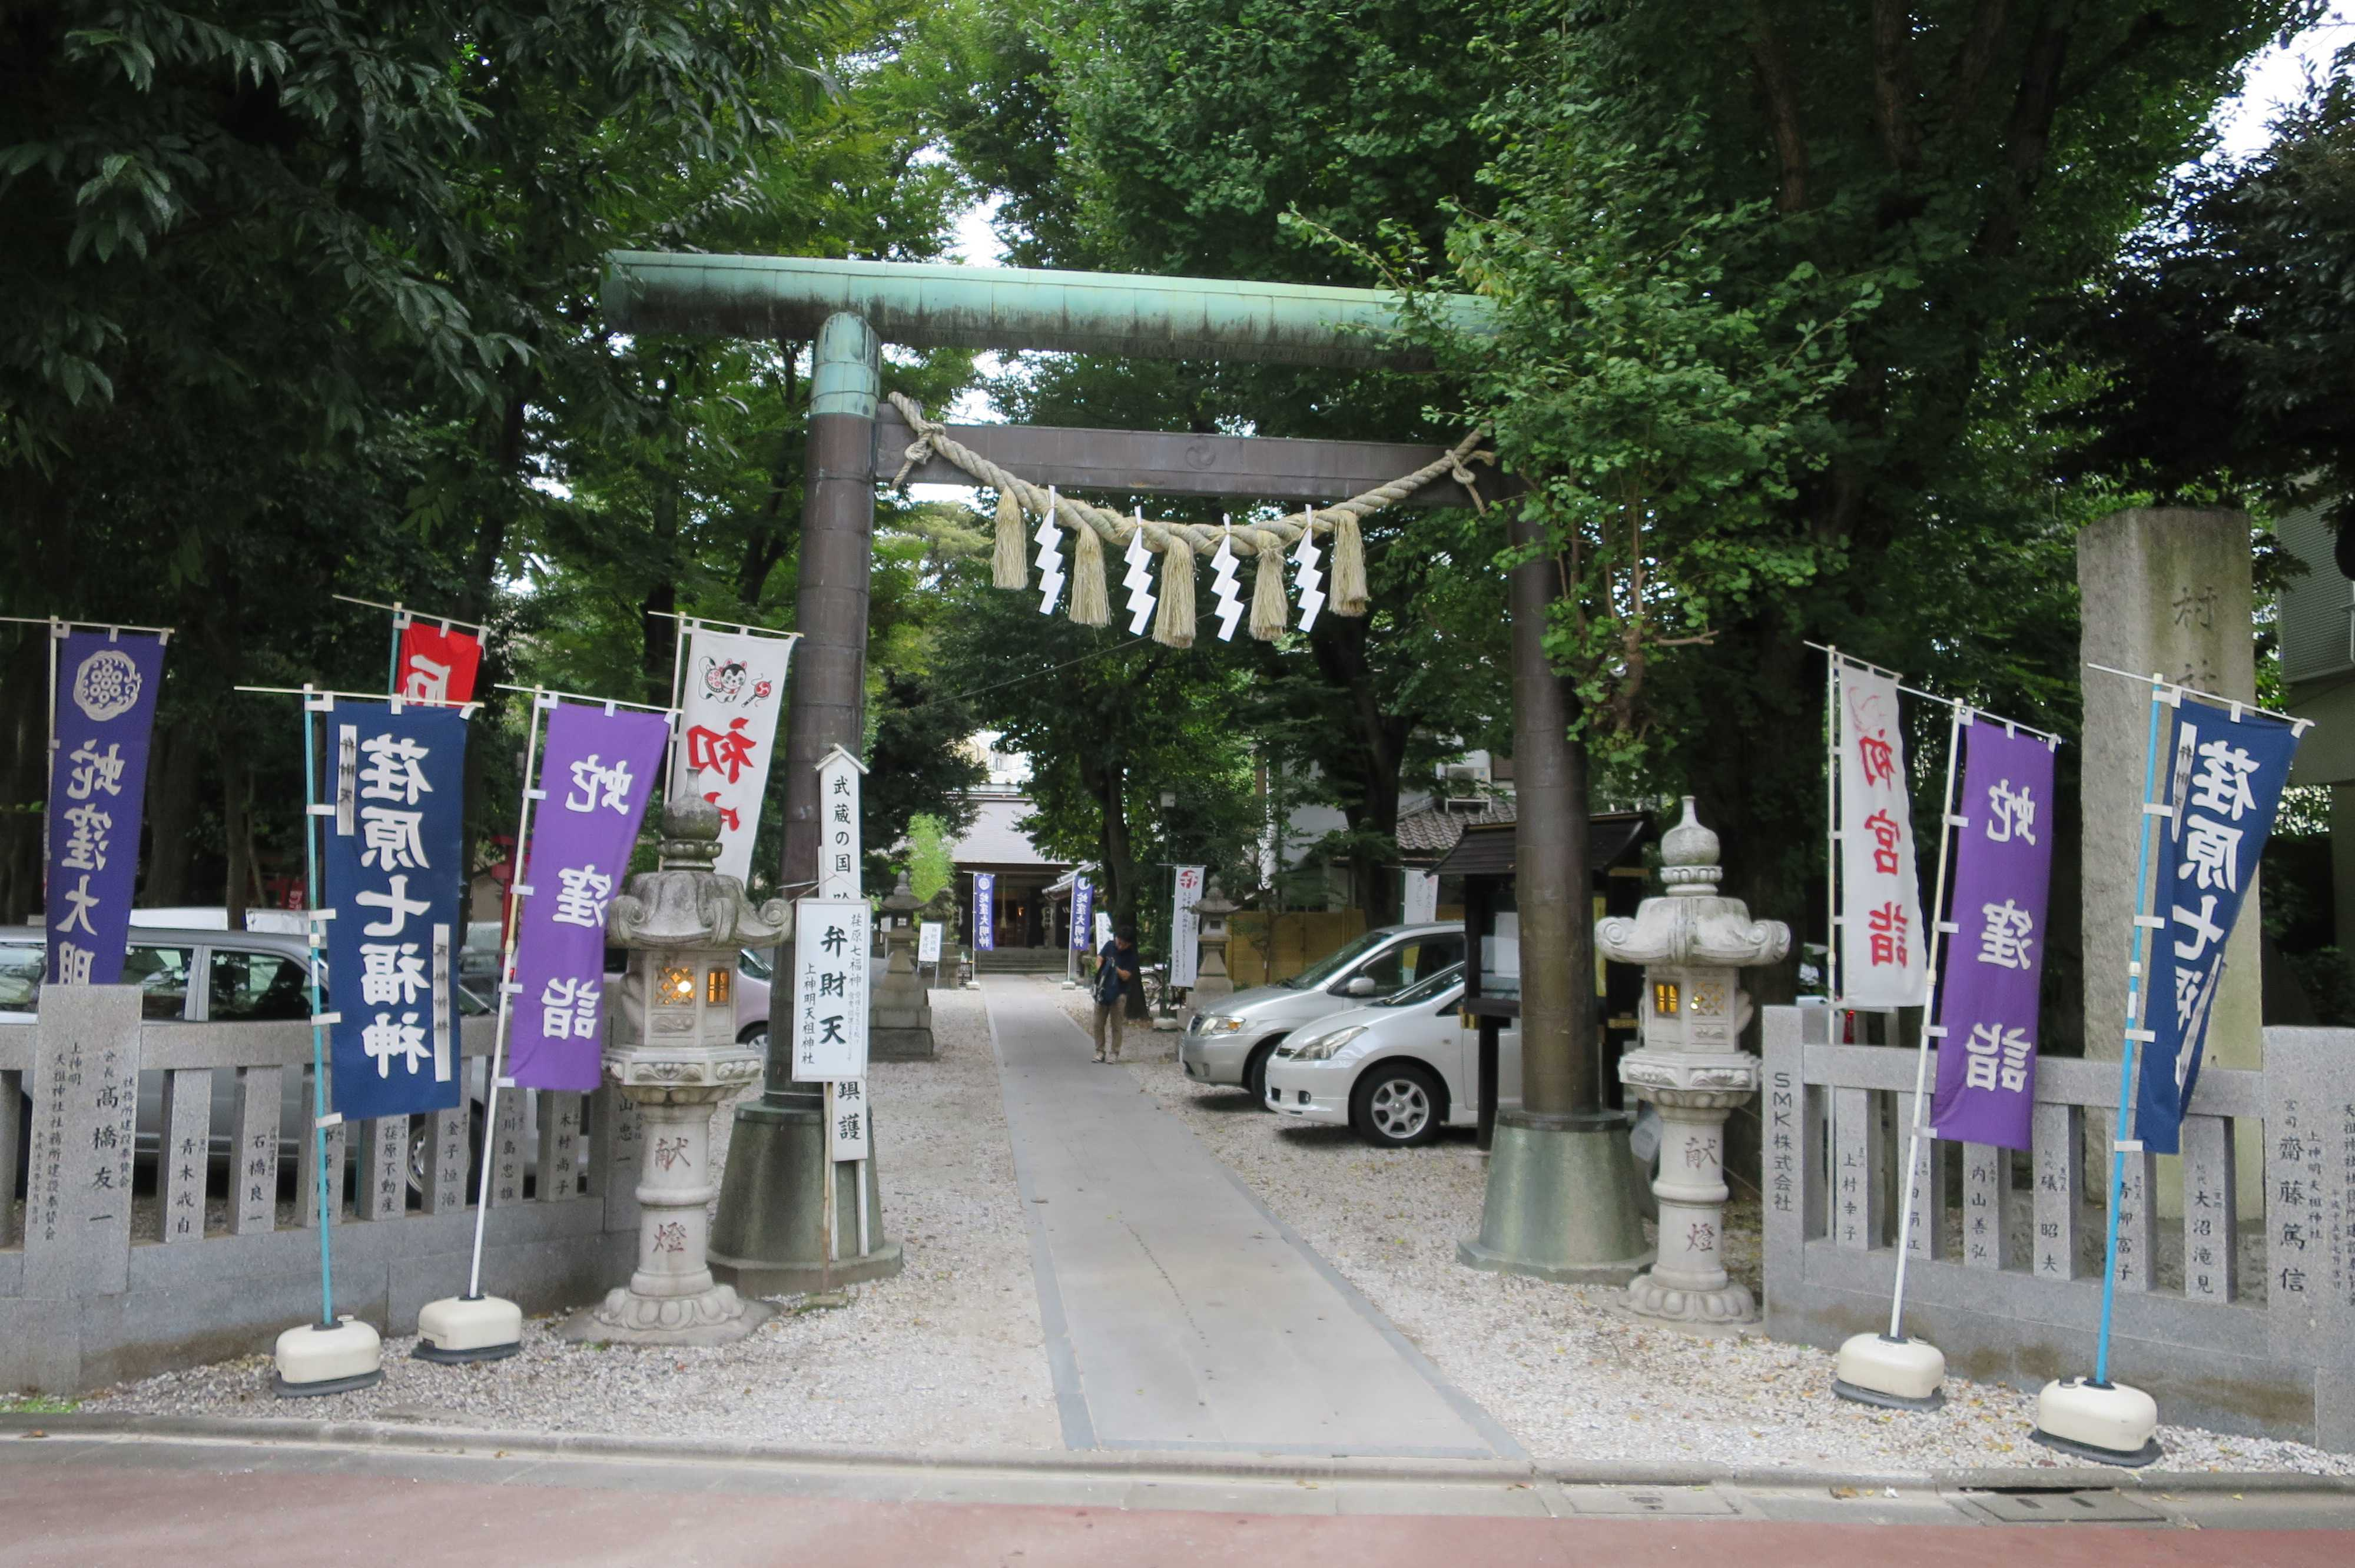 蛇窪大明神(上神明天祖神社)の鳥居